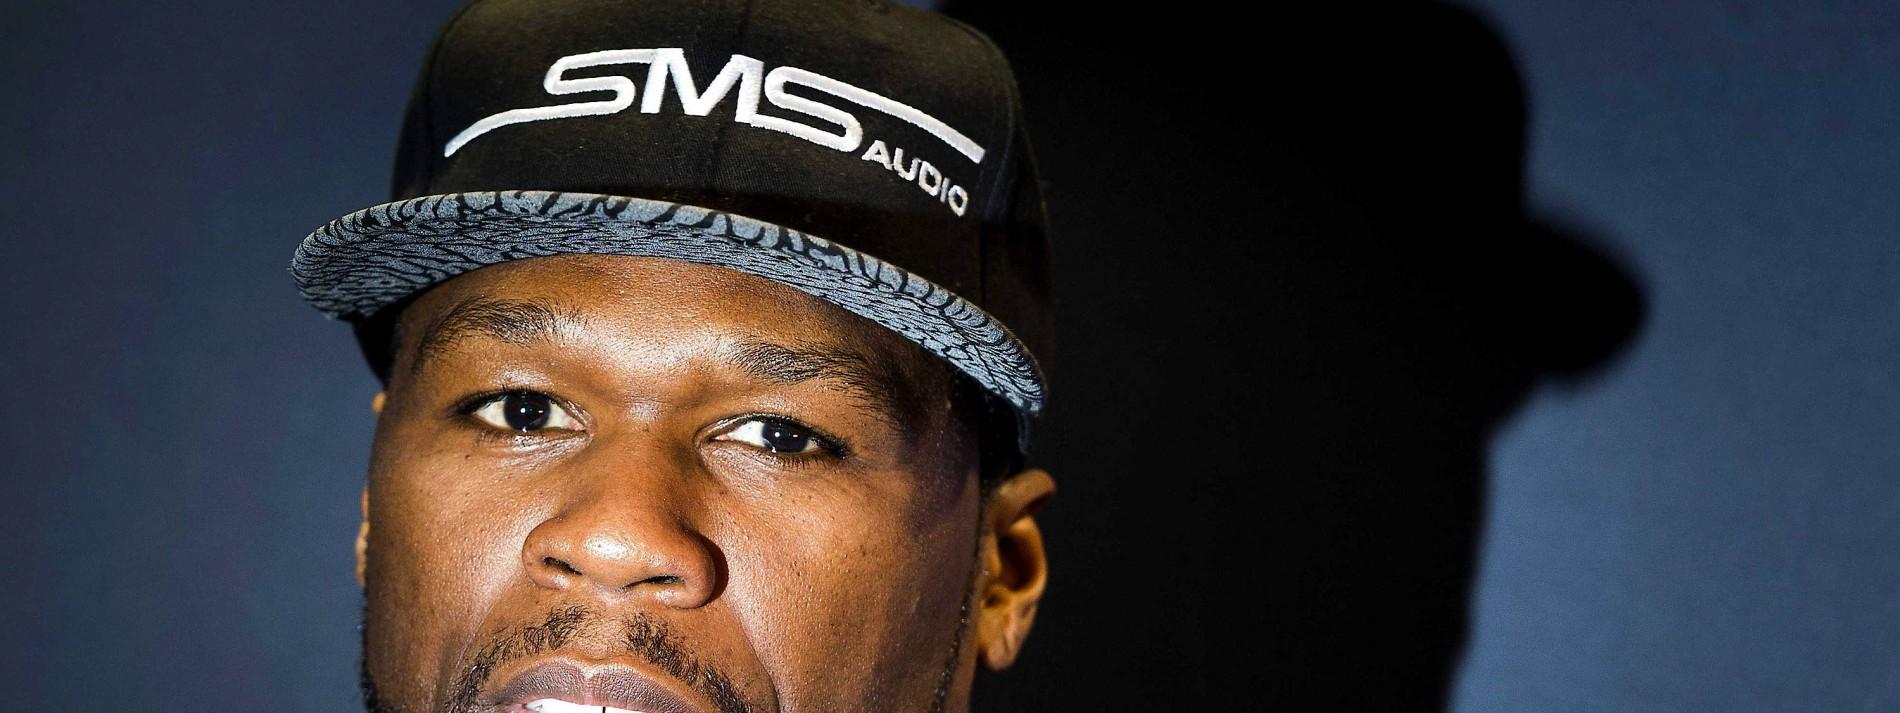 50 Cent unterstützt Donald Trump